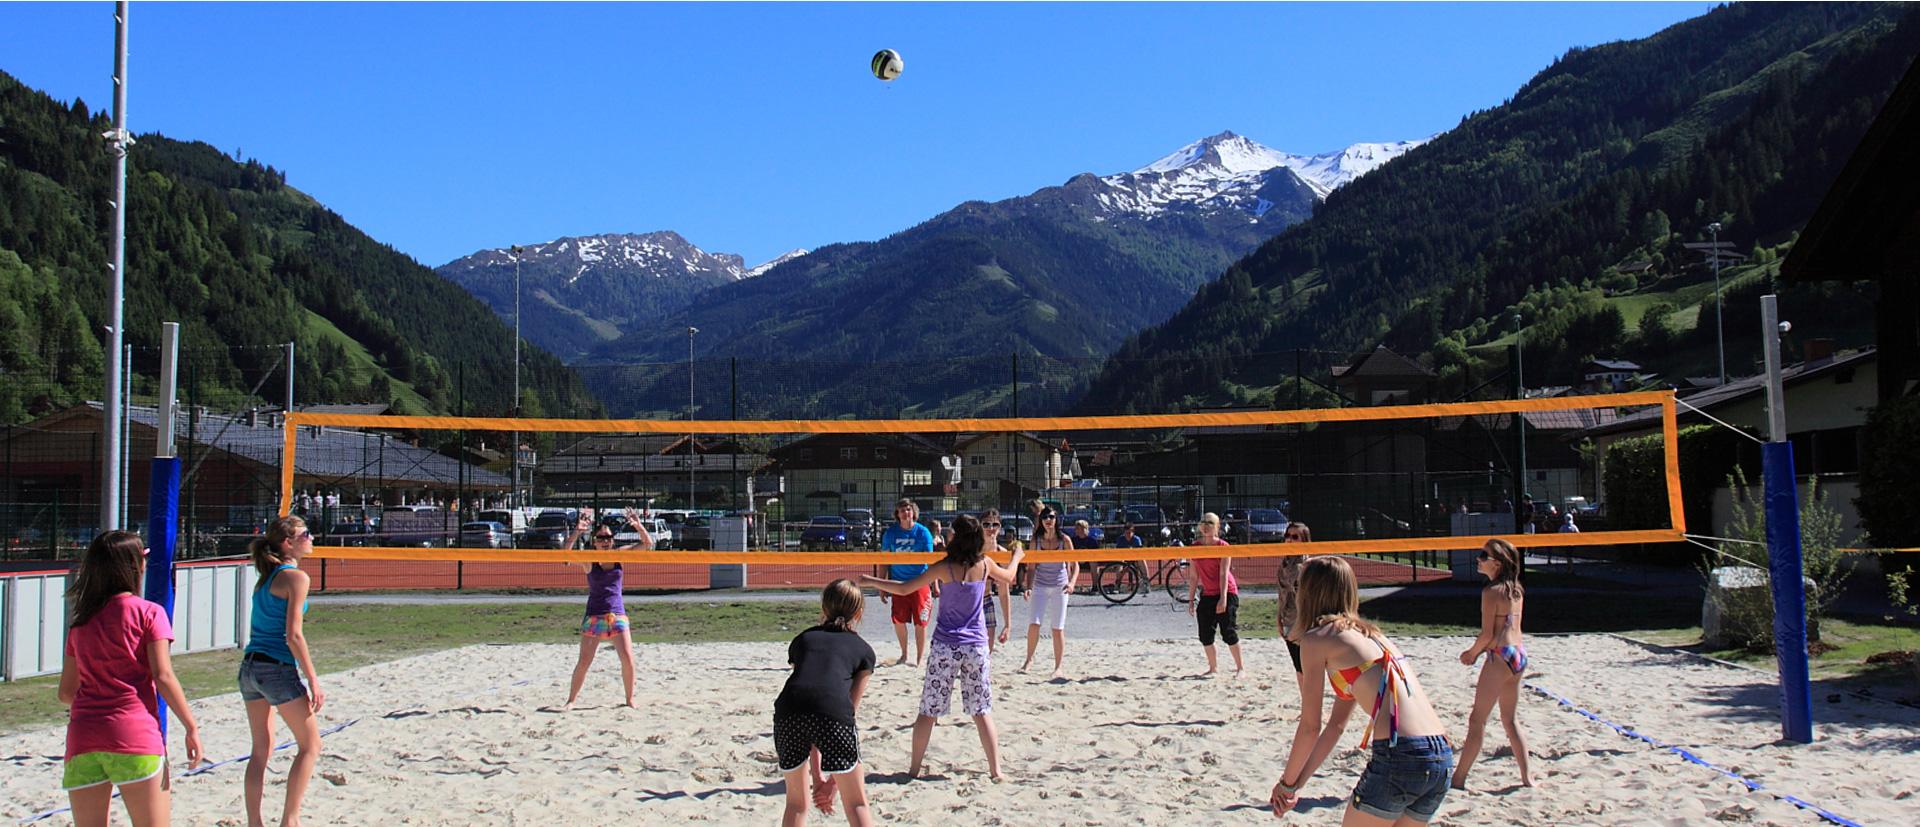 Entdecken Sie die sportlichen Aktivitäten in Ihrem Urlaub in Österreich